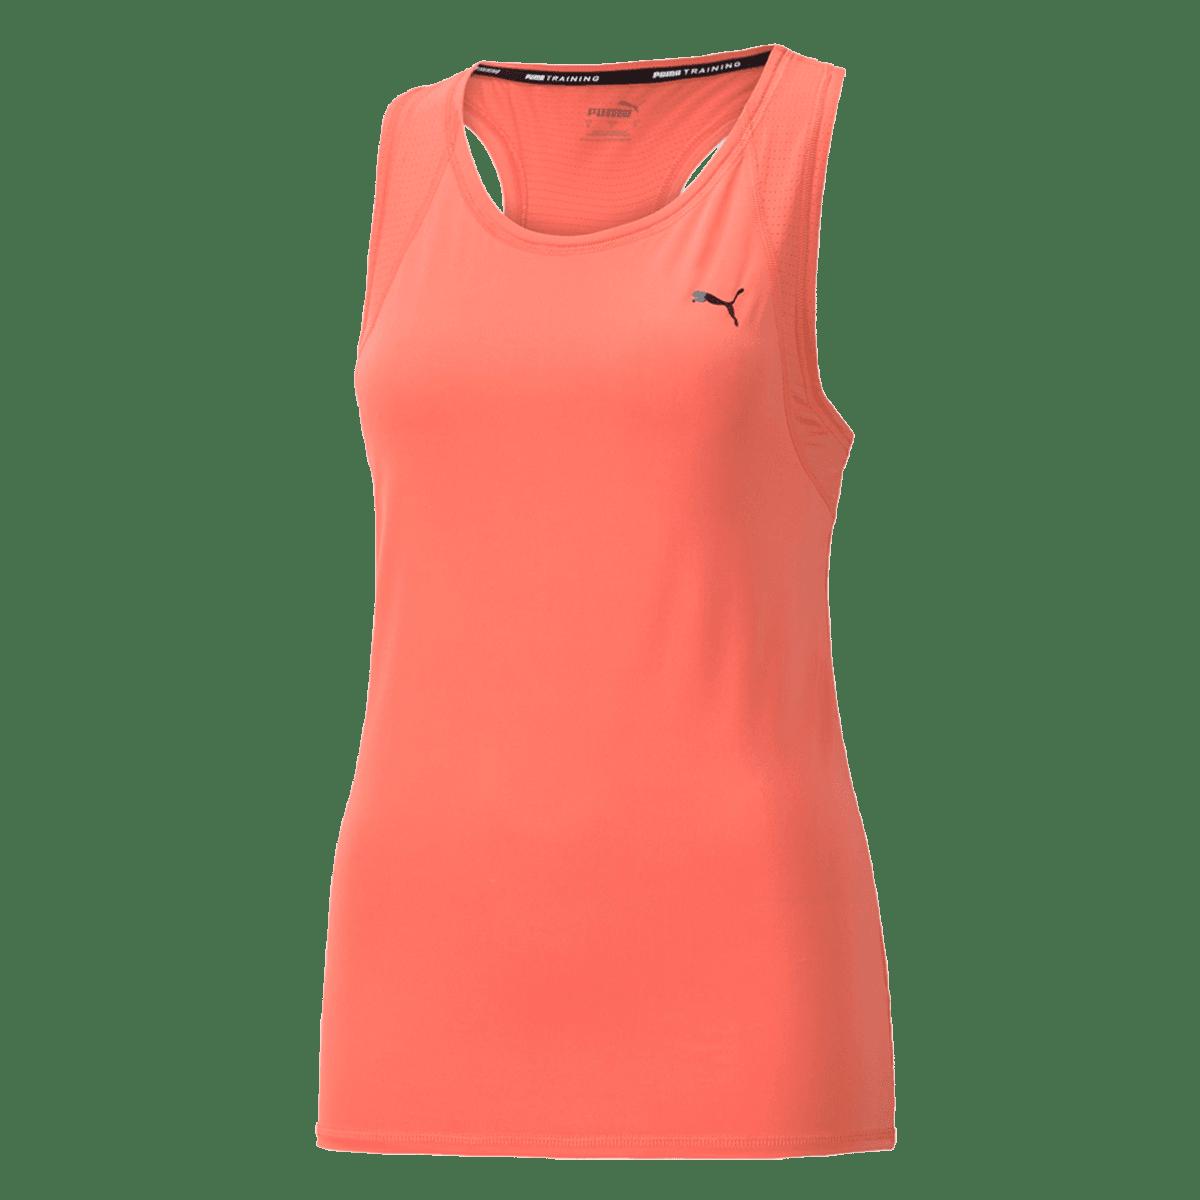 Débardeur Puma pour femme Train Favorite Tank orange clair/noir